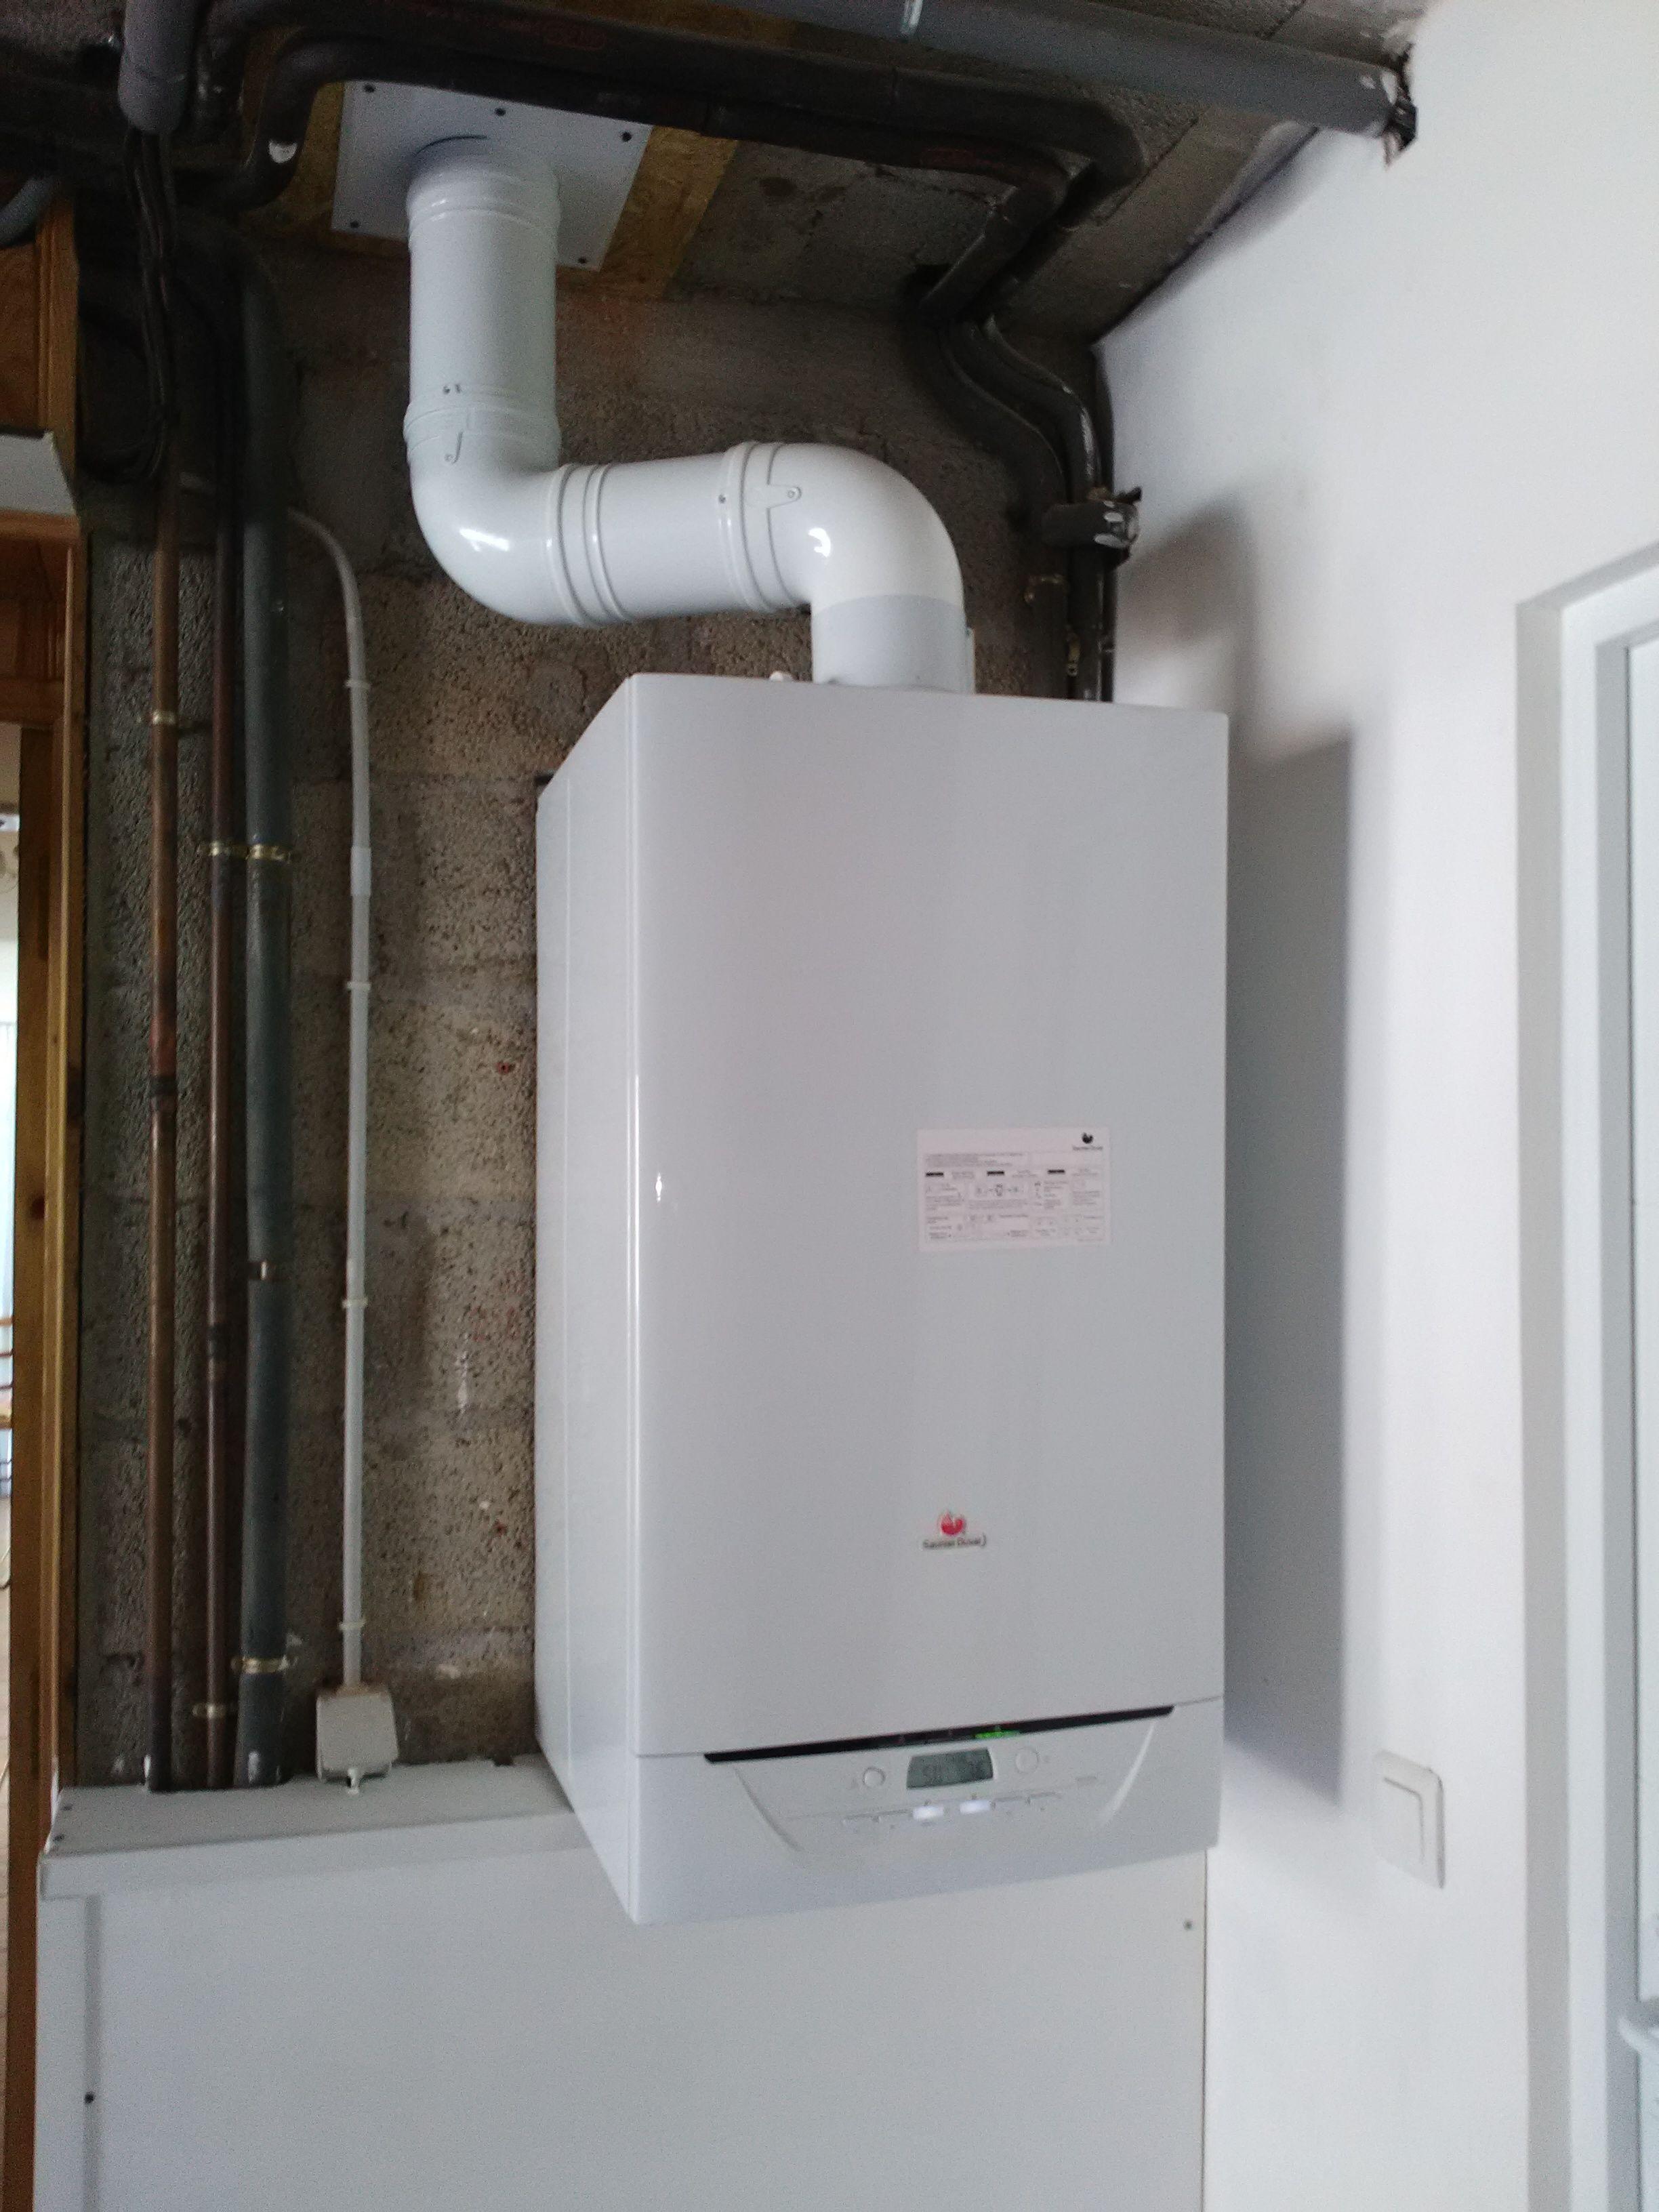 Installation Chaudière À Condensation installation d'une chaudière à condensation isotwin saunier